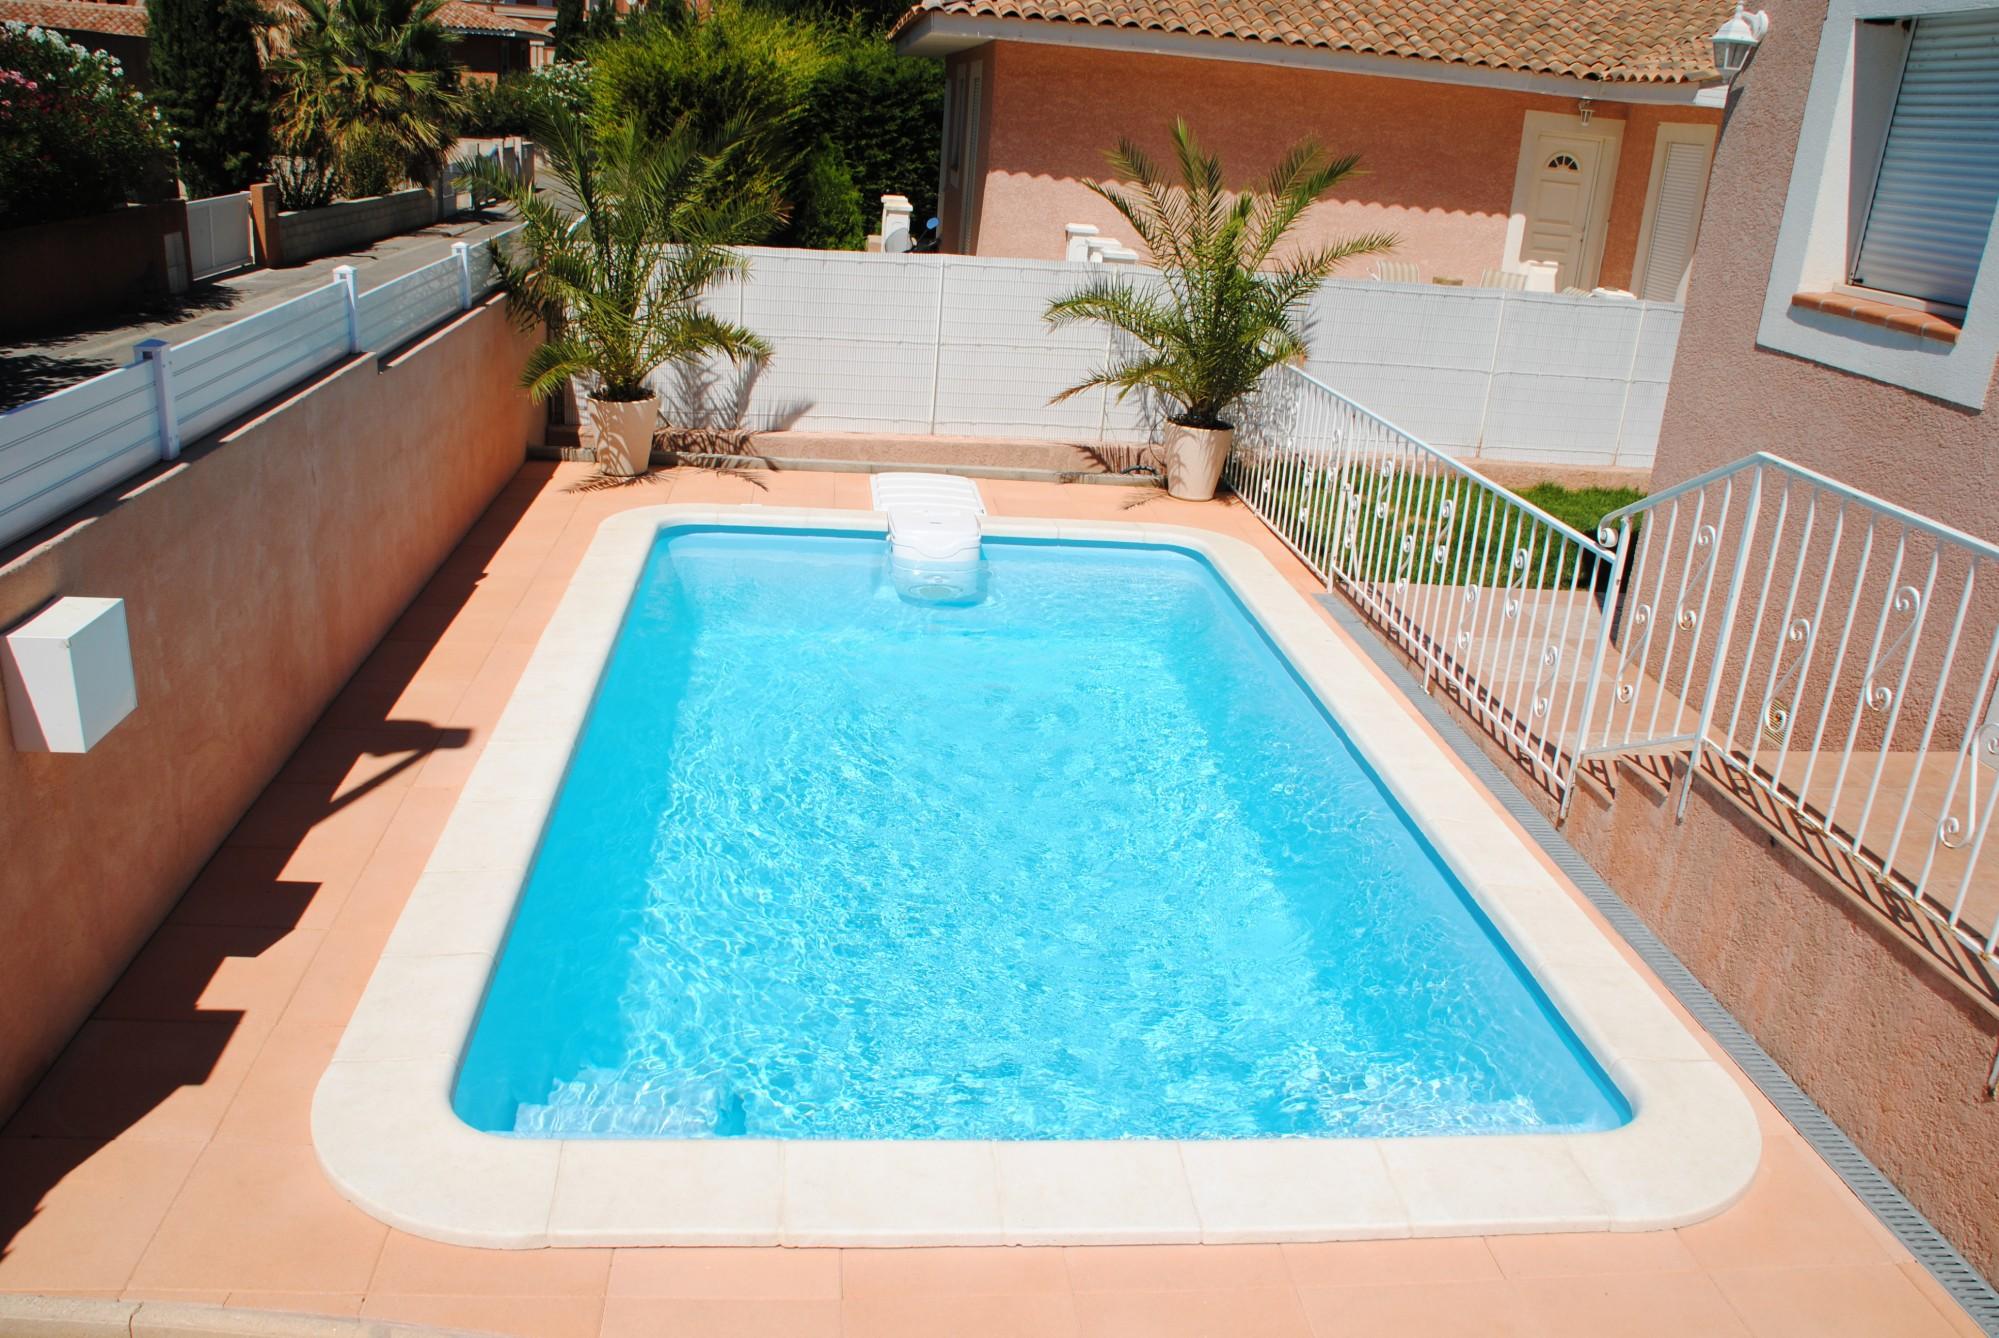 Piscine en coque polyester axeo 570 avec bloc filtrant nos piscines constructeur de piscine for Prix piscine sel